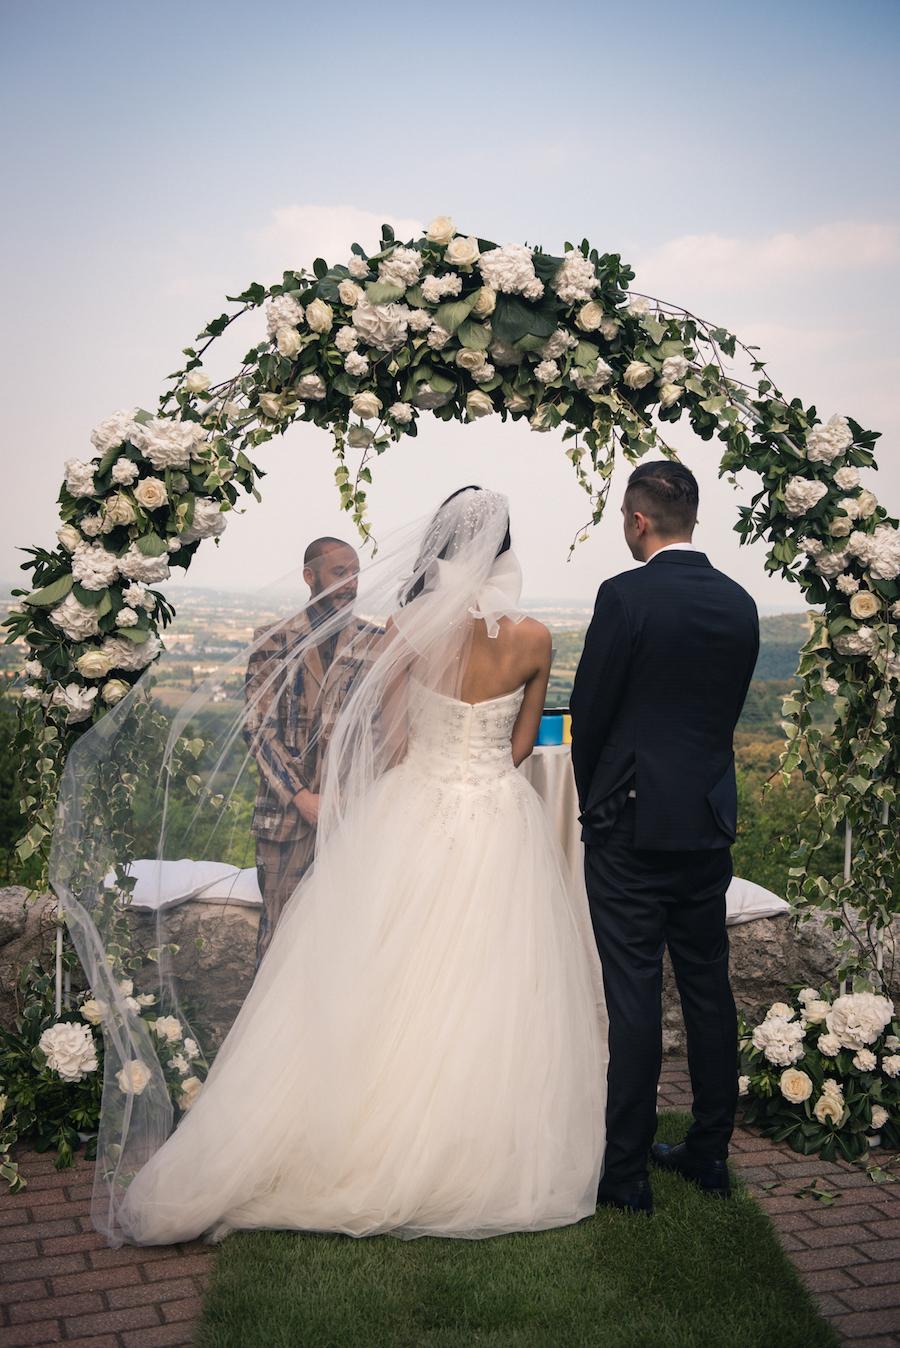 matrimonio-bilingue-con-rito-simbolico-selene-pozzer-14